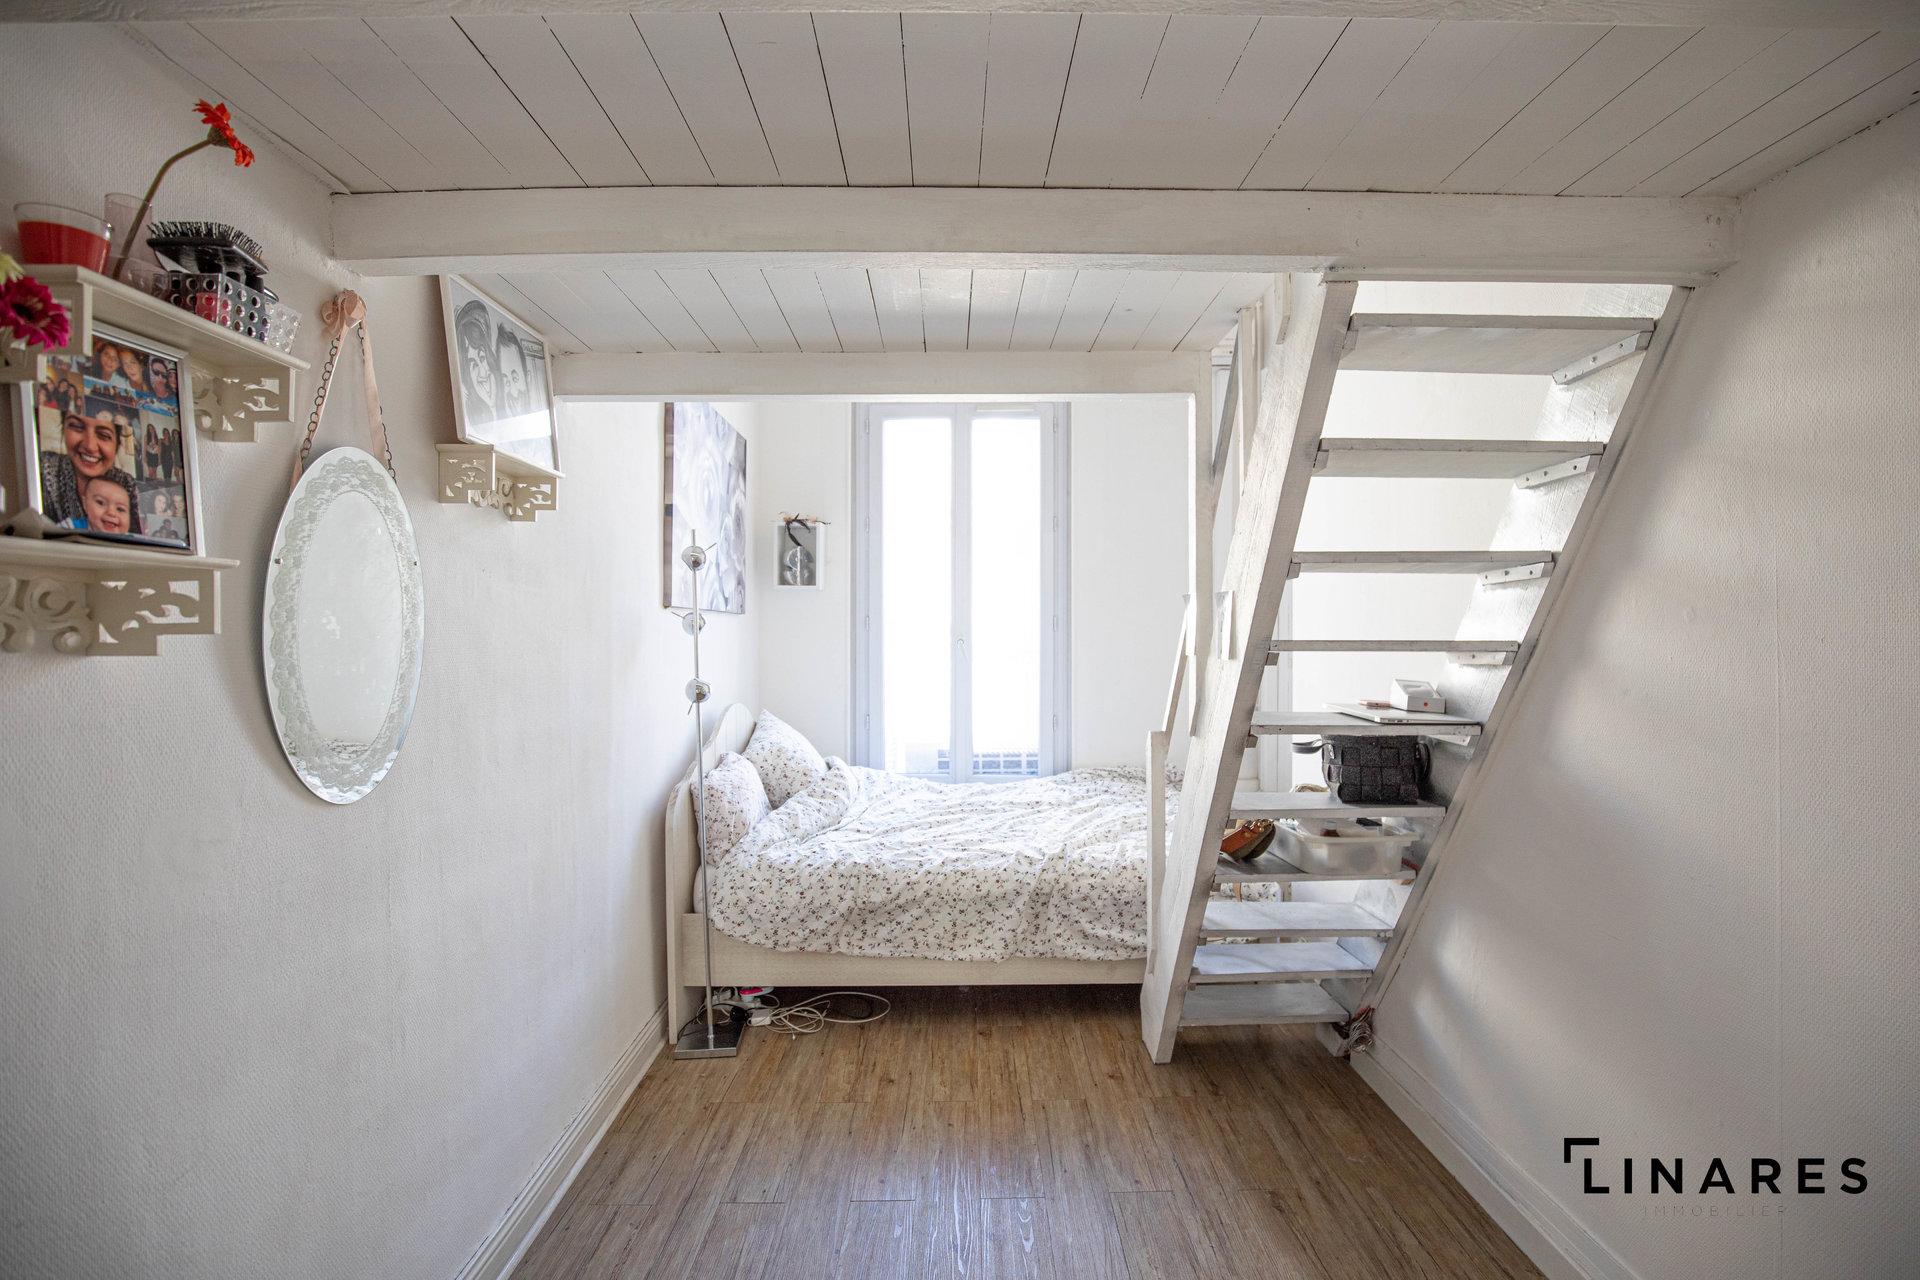 LE BOURGEOIS DU CENTRE VILLE - Appartement de Type 4/5 de 153 m2